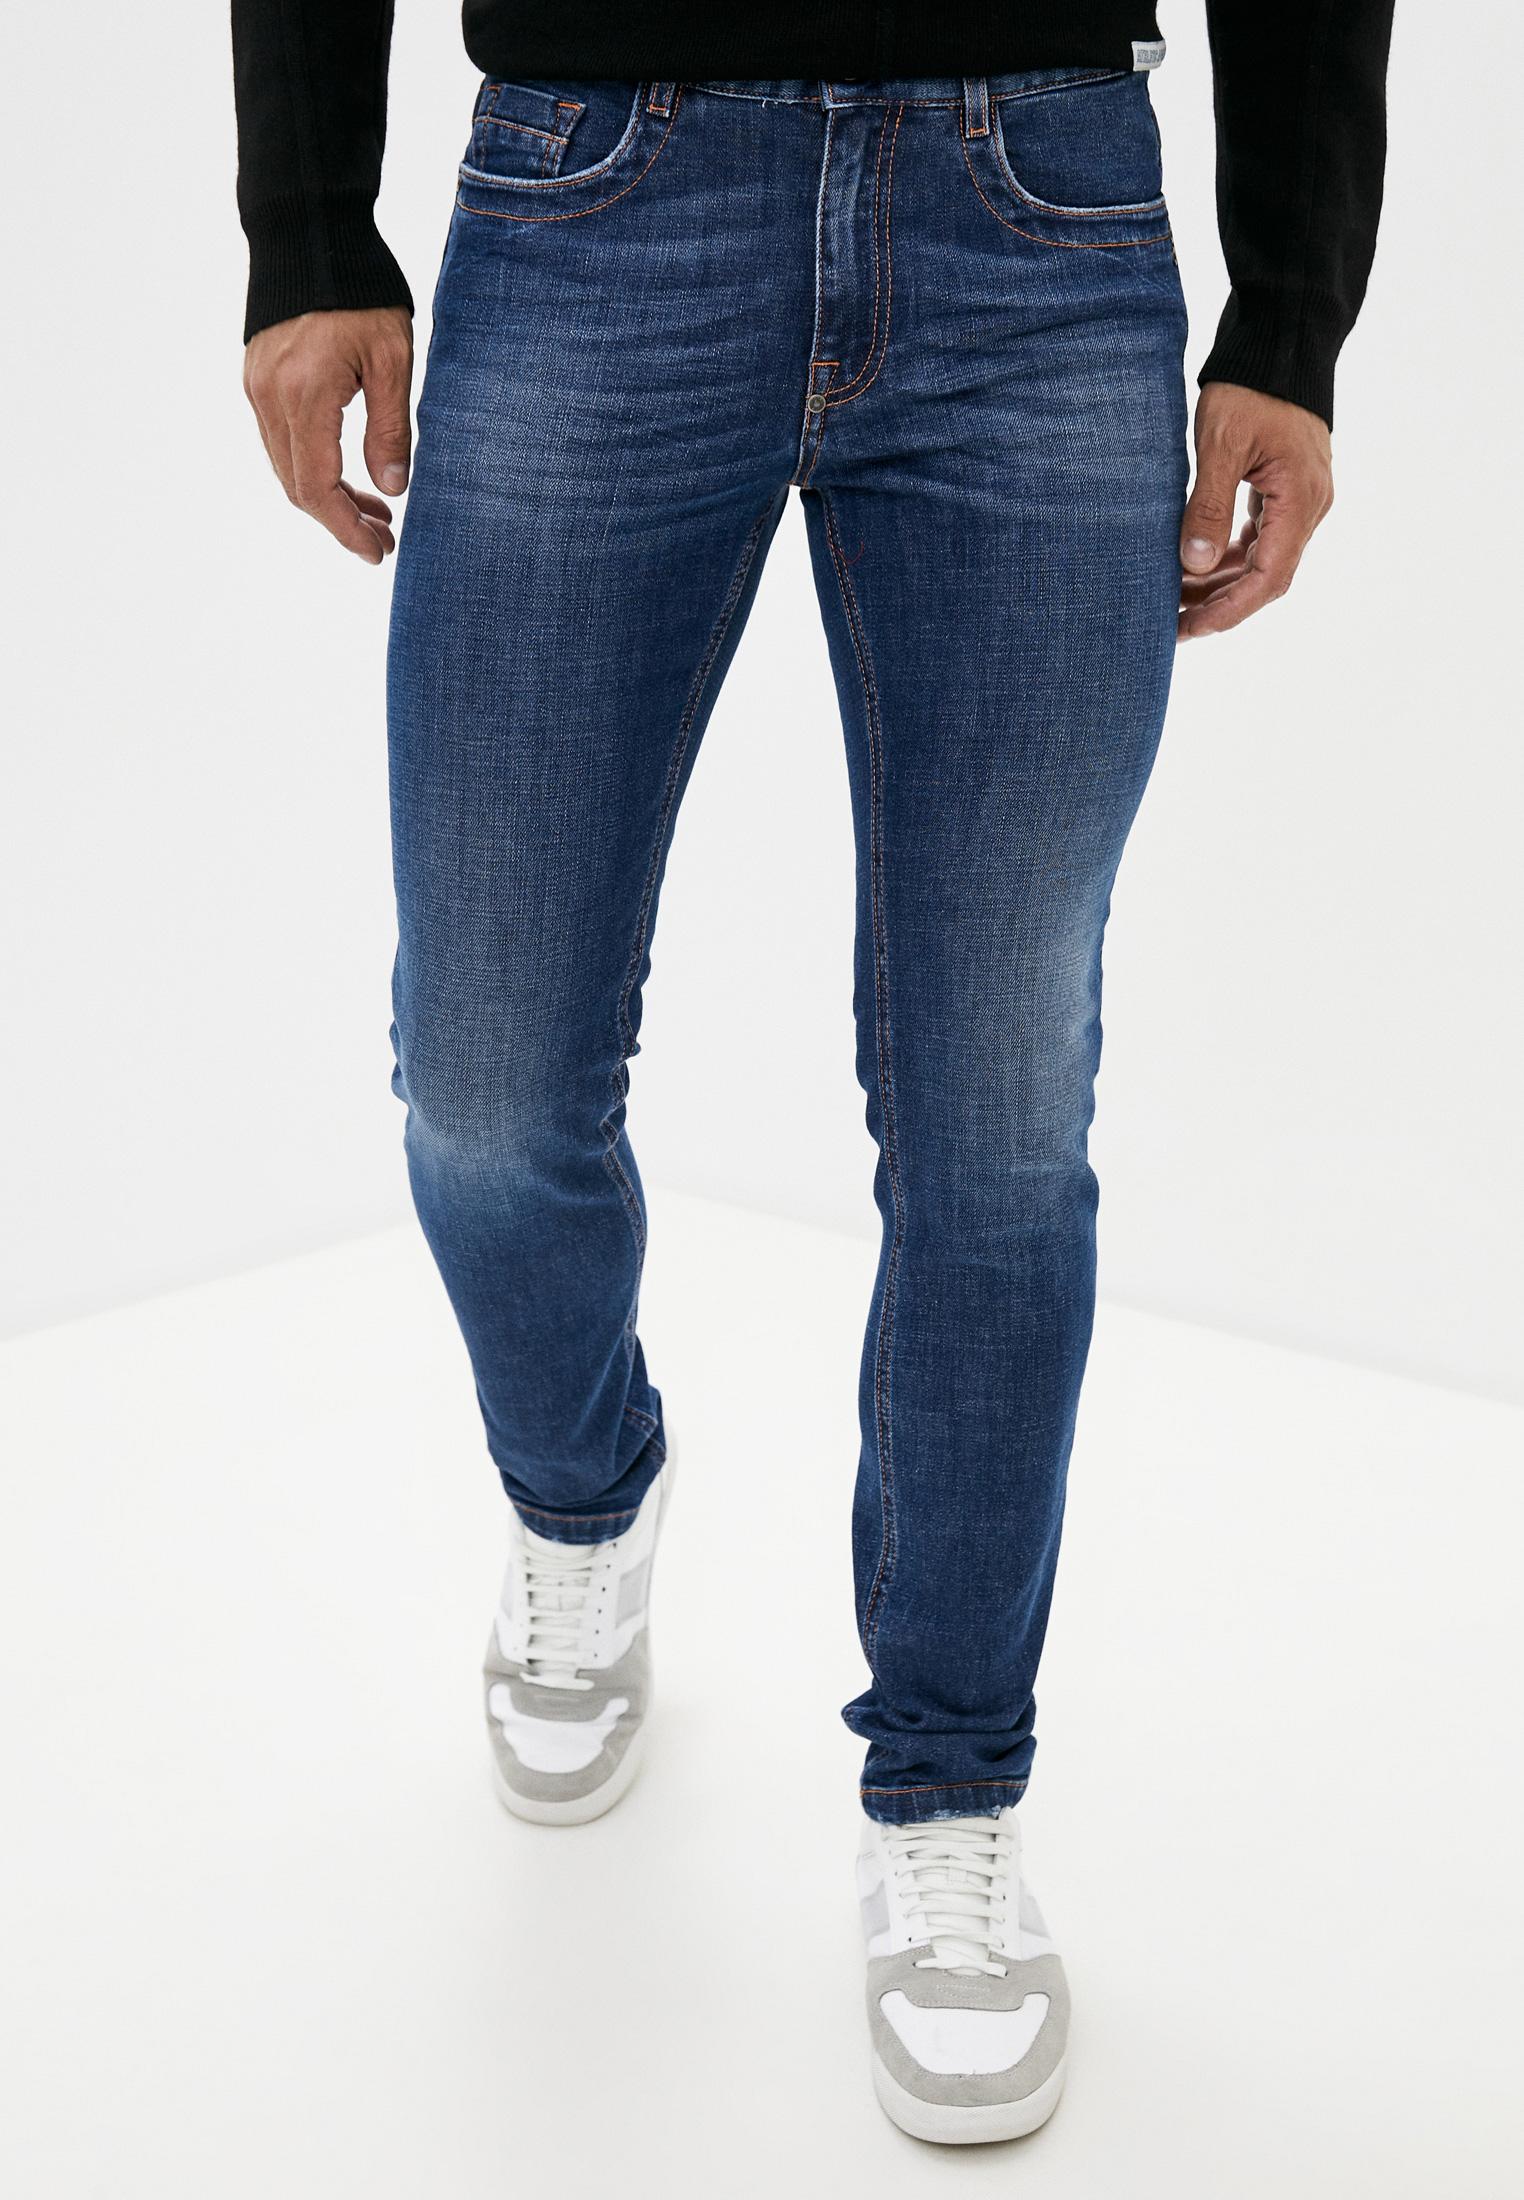 Мужские зауженные джинсы Bikkembergs (Биккембергс) C Q 101 05 S 3393: изображение 1